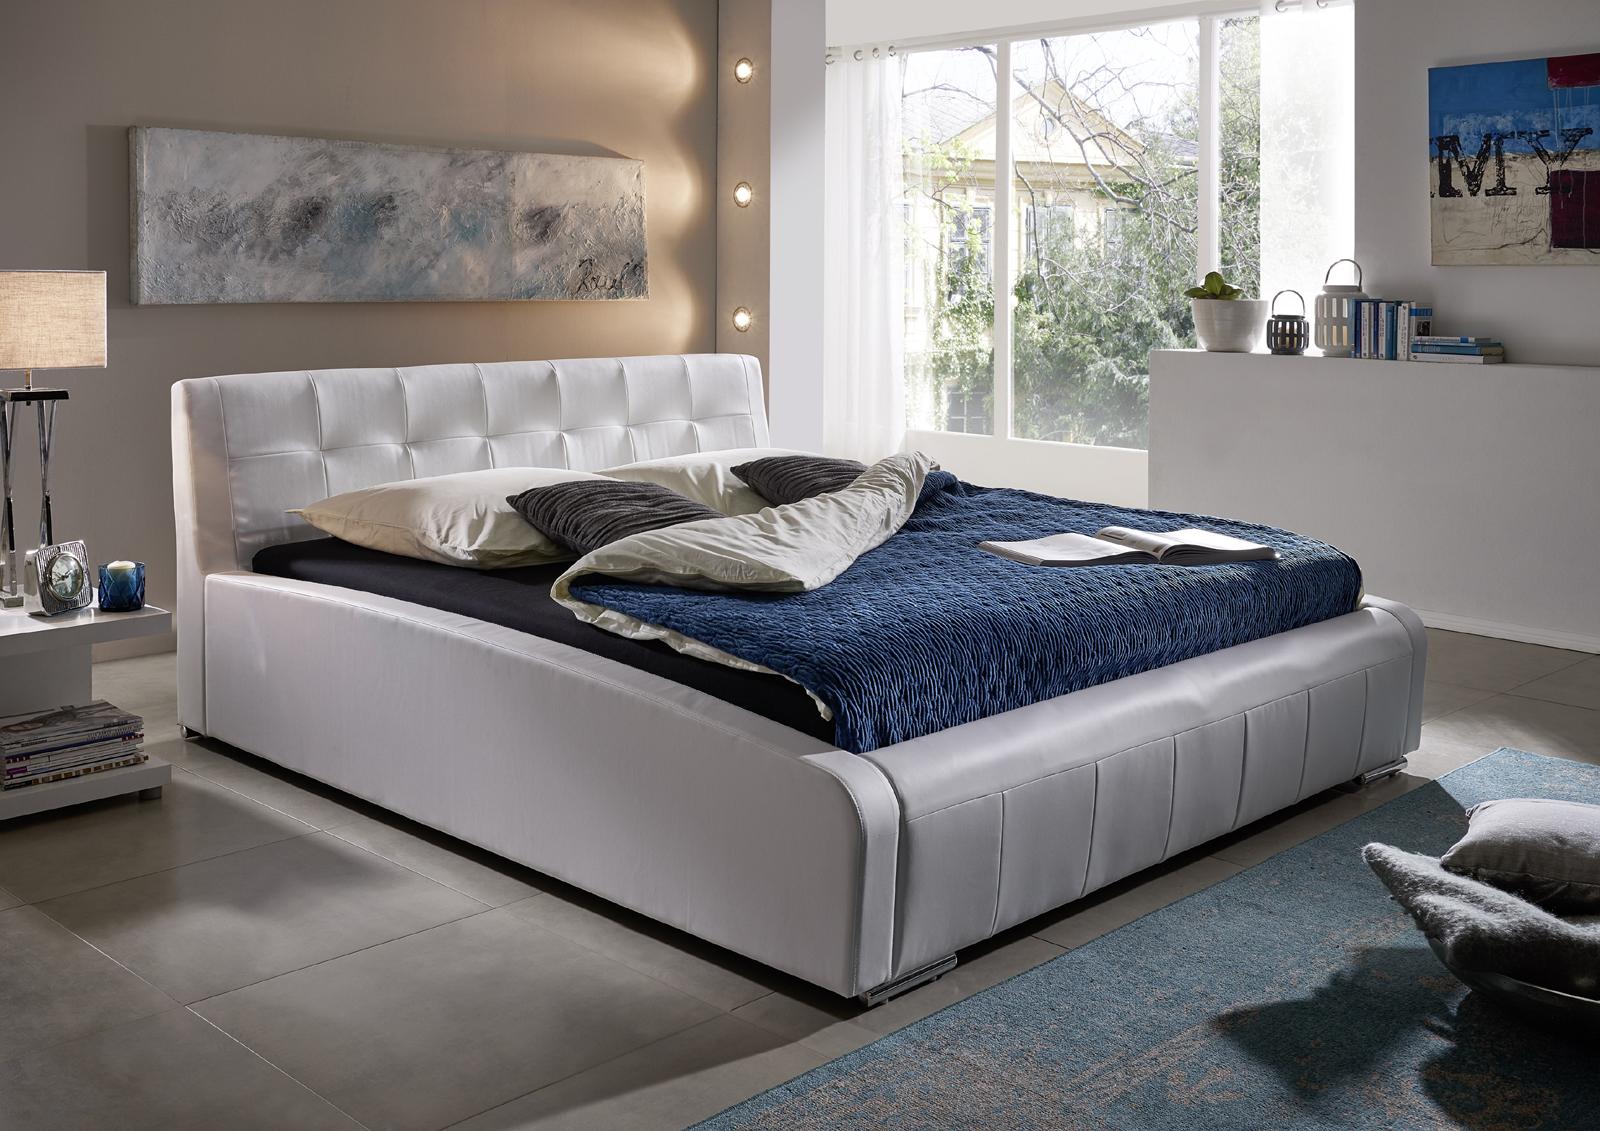 sam design bett 140 x 200 cm wei elena auf lager. Black Bedroom Furniture Sets. Home Design Ideas